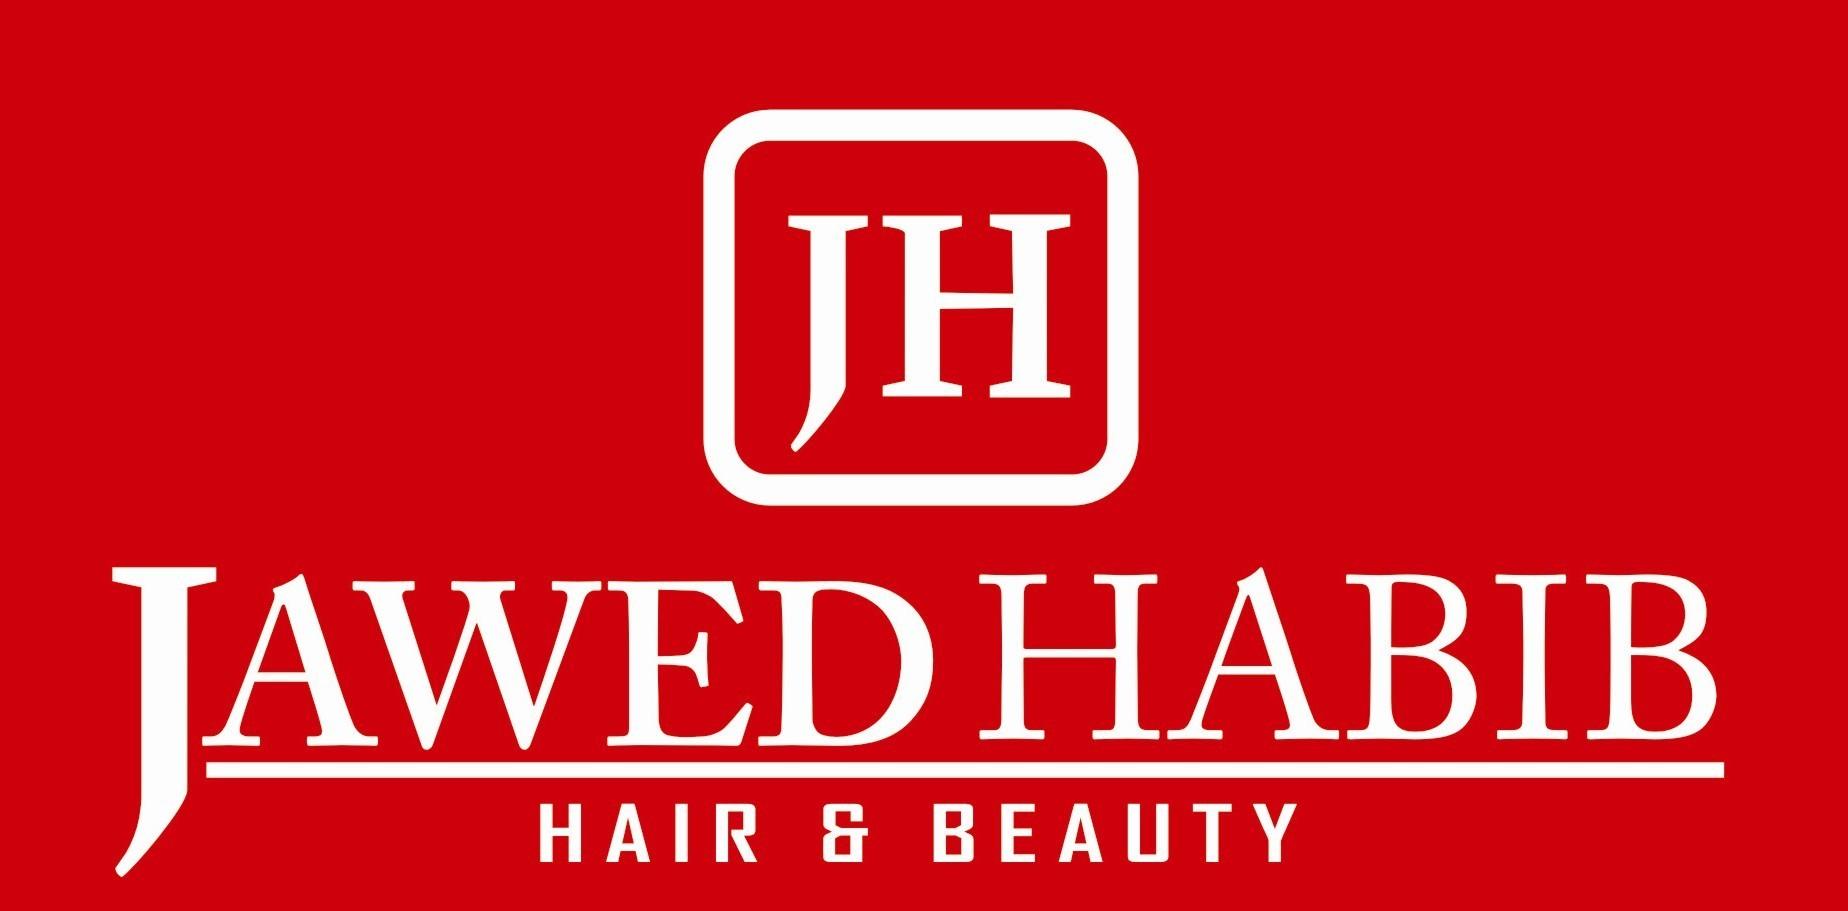 Jawed Habib Hair & Beauty Salons - GIDC Gunjan - Vapi Image